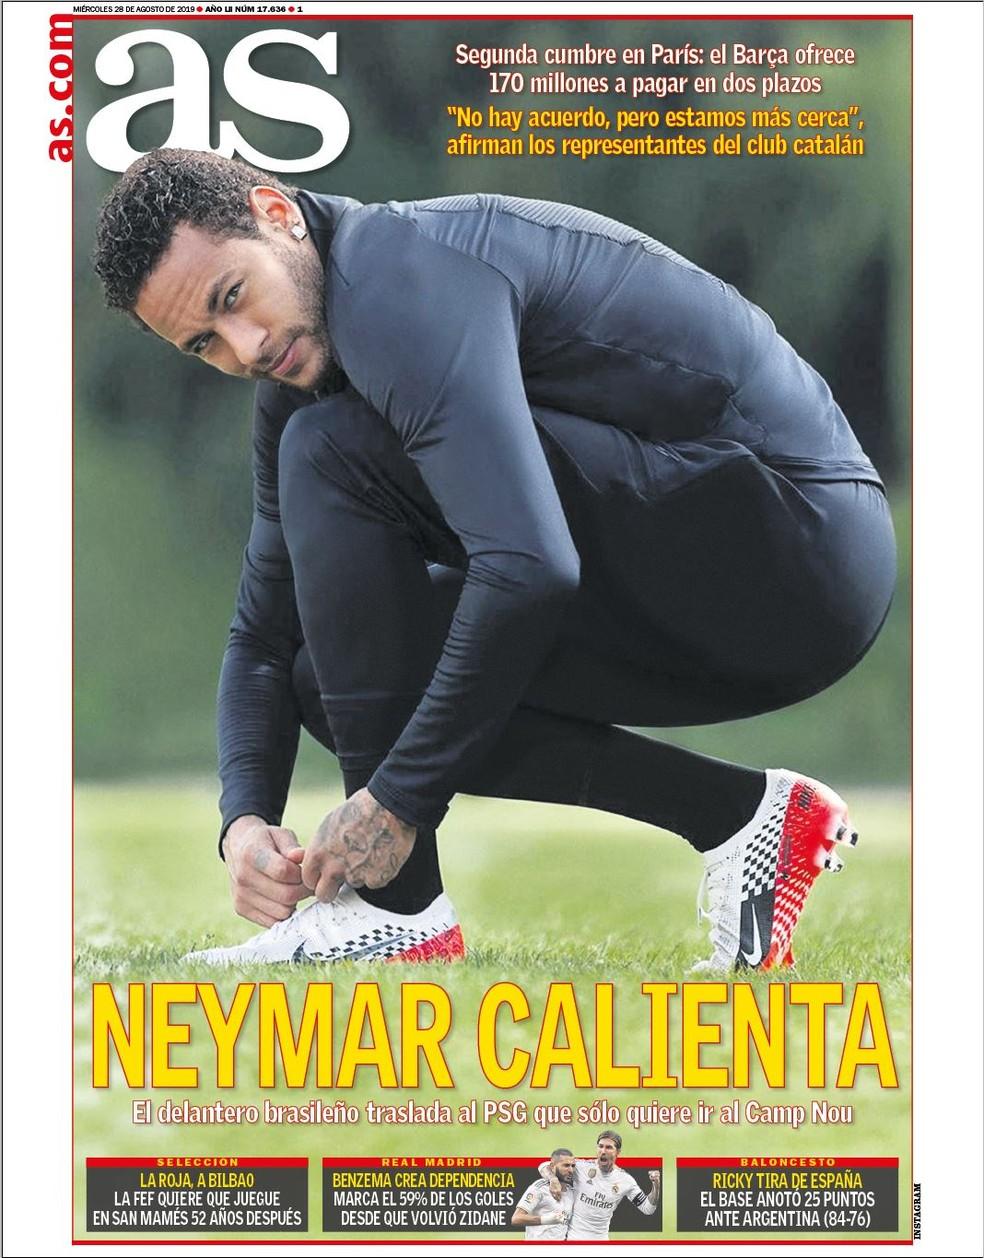 Capa do As sobre Neymar, Barcelona e Paris Saint-Germain — Foto: Divulgação